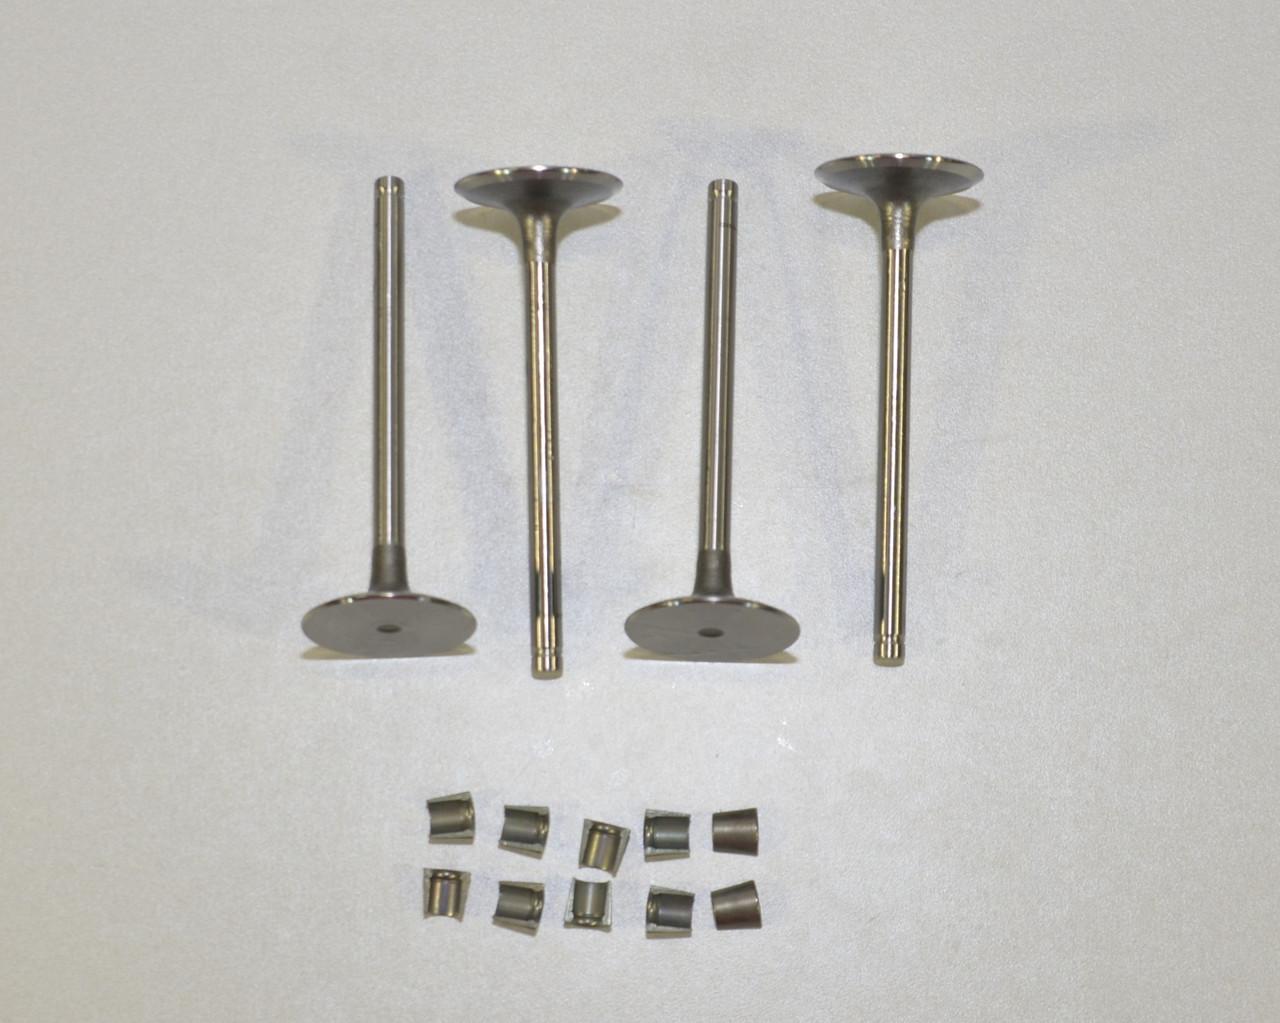 Впускной клапан (комплект) на Renault Lodgy 2012-> 1.6 — Renault (Оригинал) - 7701475894